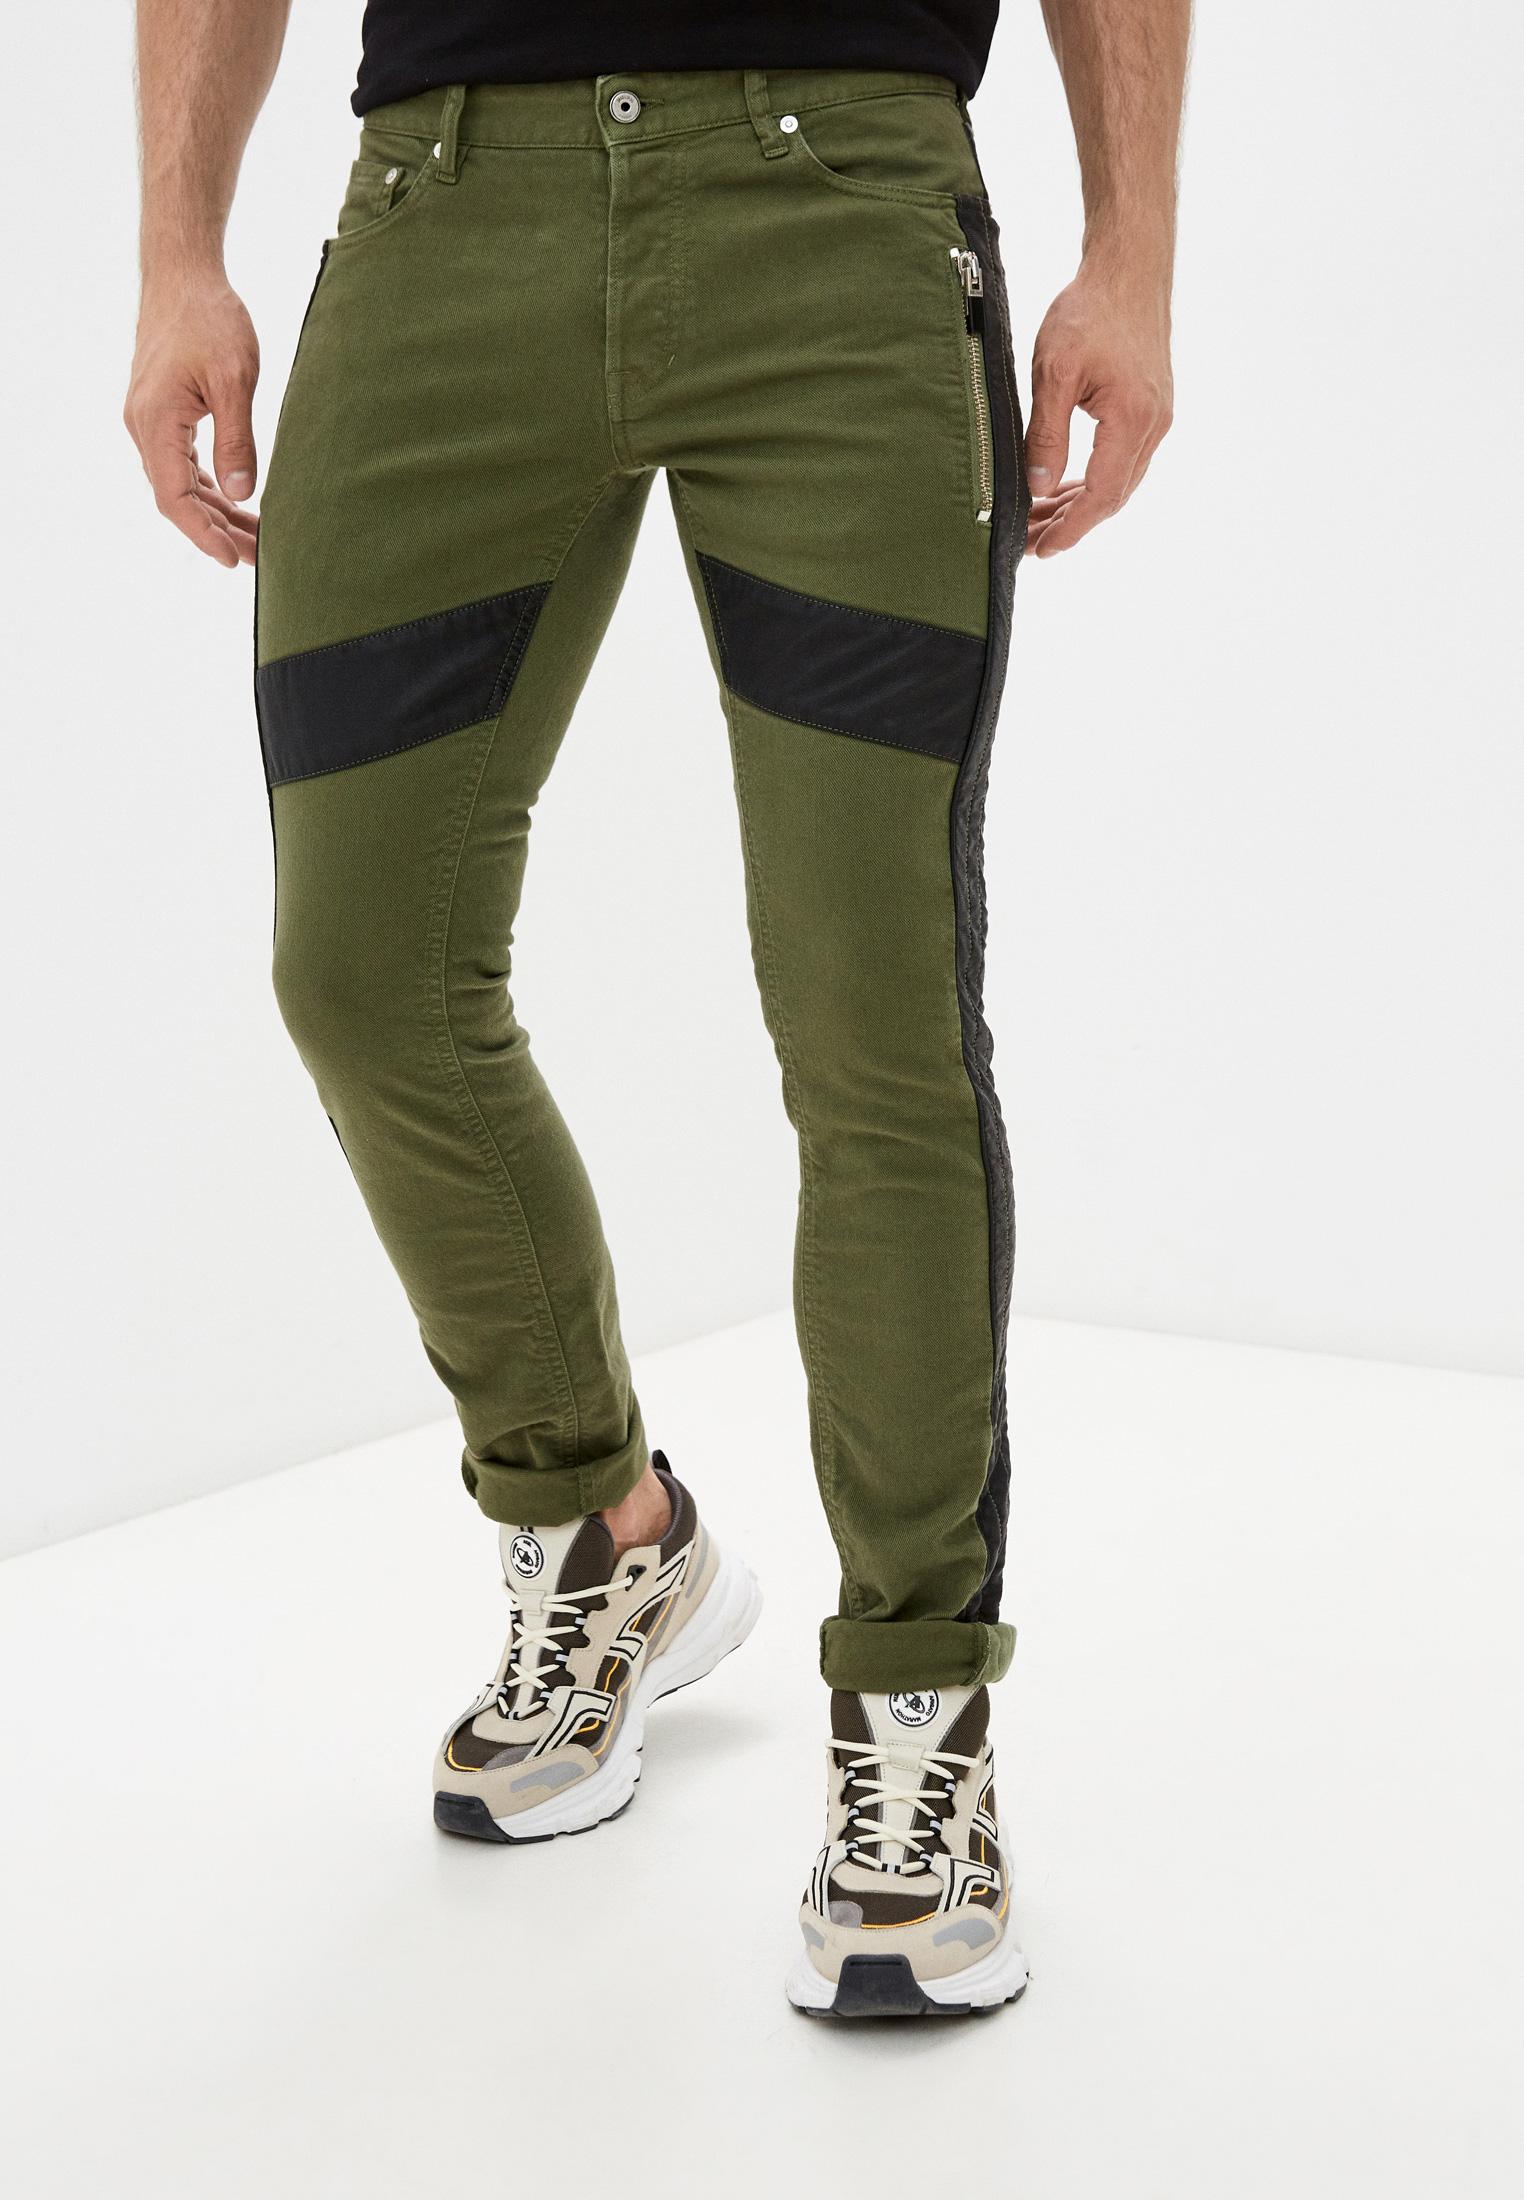 Мужские повседневные брюки Just Cavalli (Джаст Кавалли) Брюки Just Cavalli